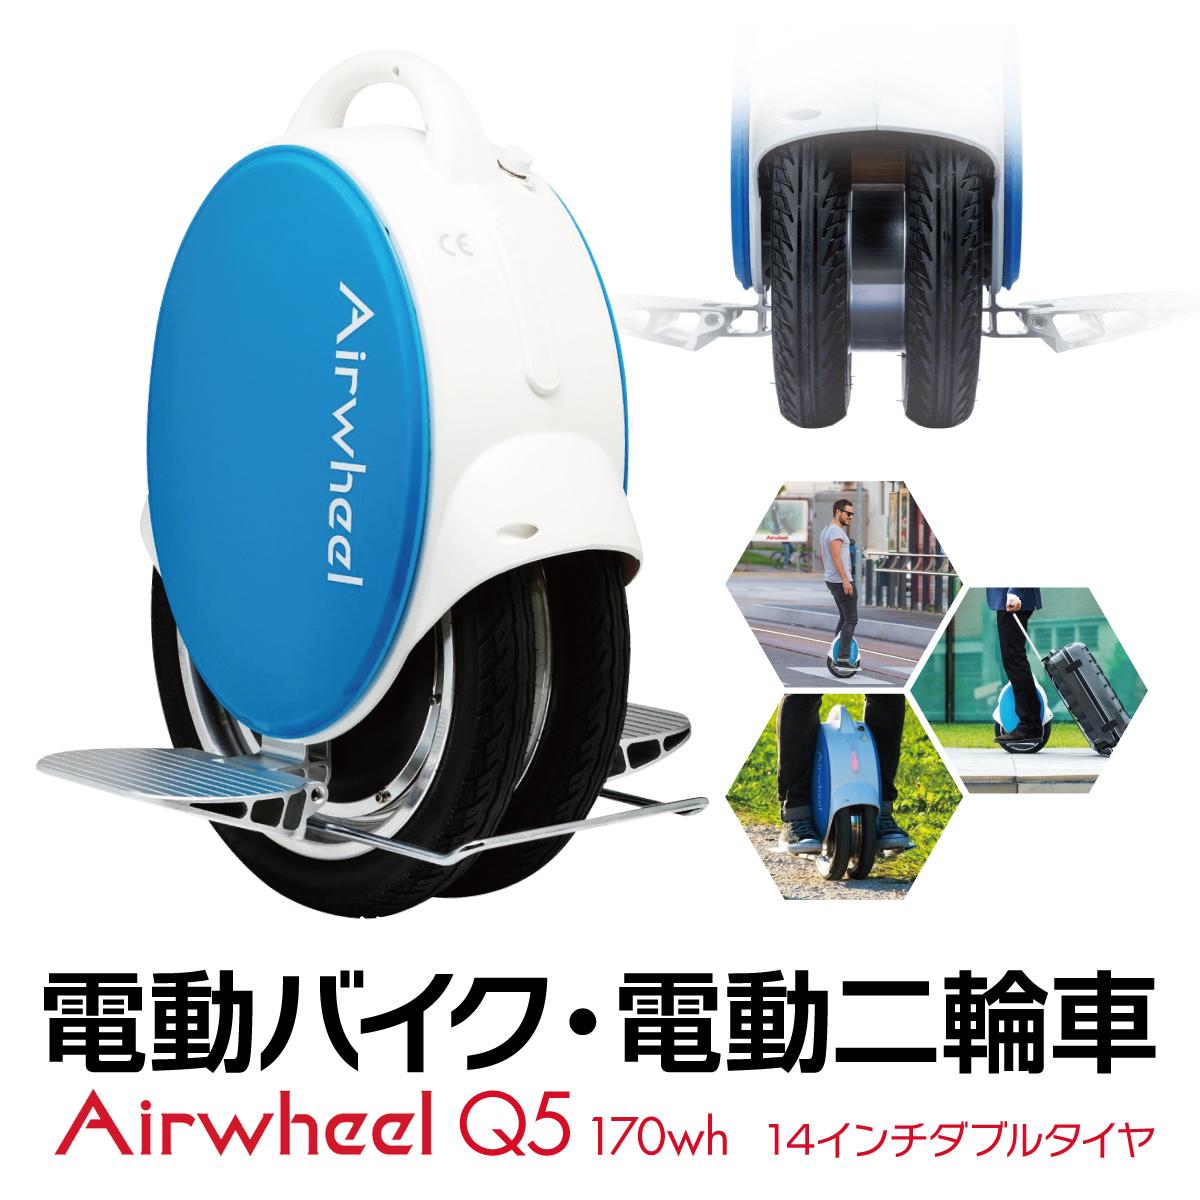 電動2輪車 Airwheel エアーホイール Q5 電動 バランススクーター オフロード 電動1輪車 1輪車 airwheel-q5